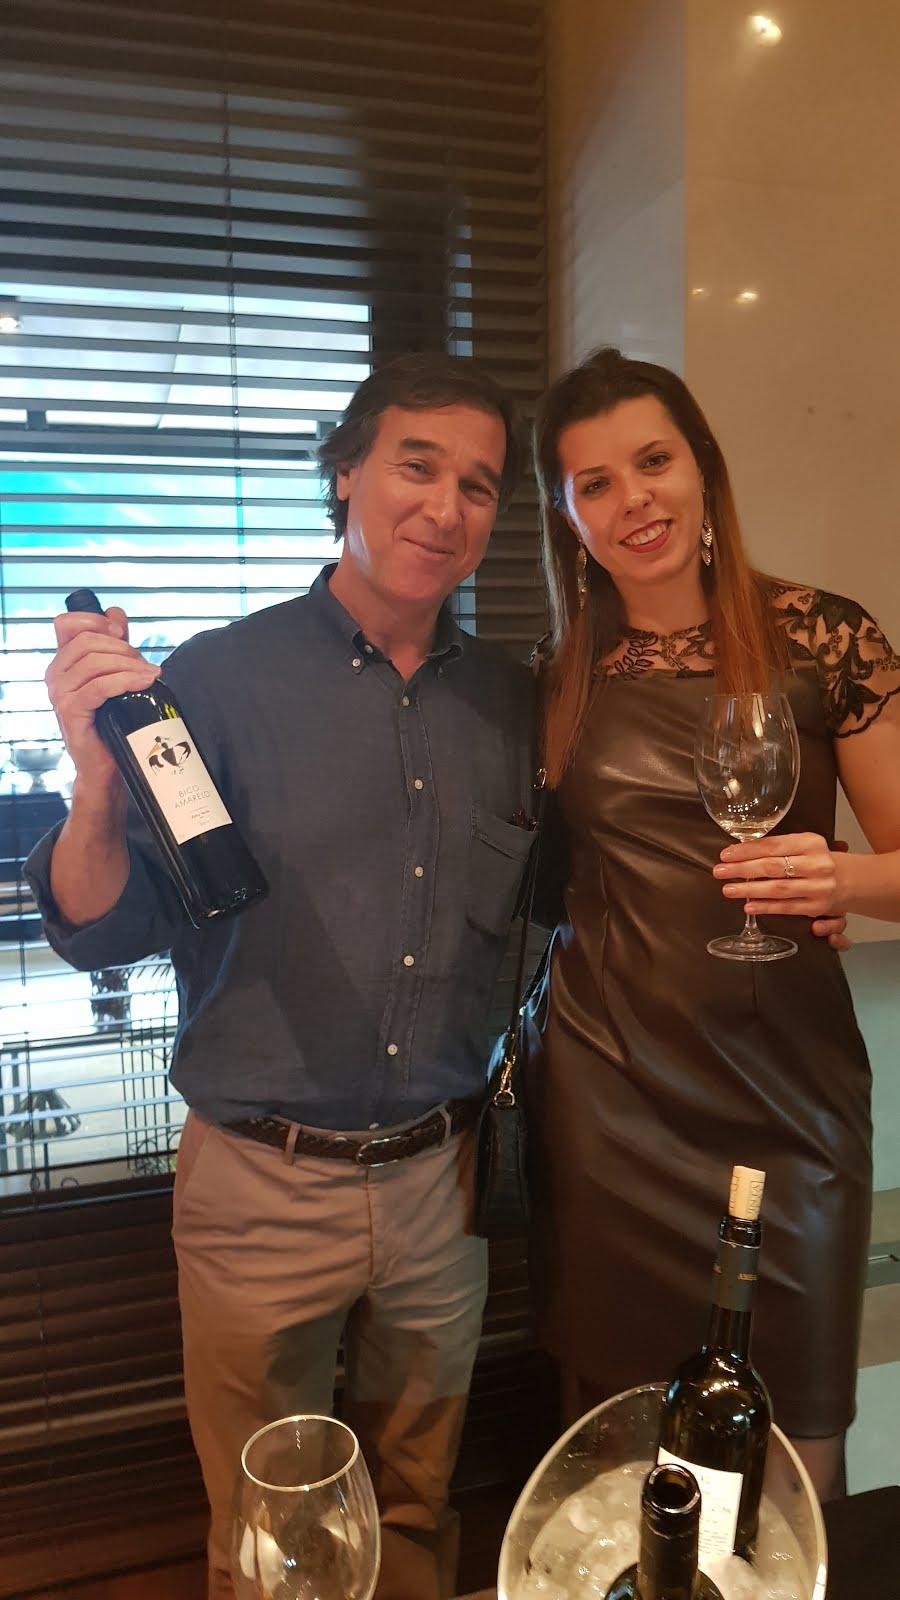 Momento com Pedro Araújo proprietário da Quinta do Ameal